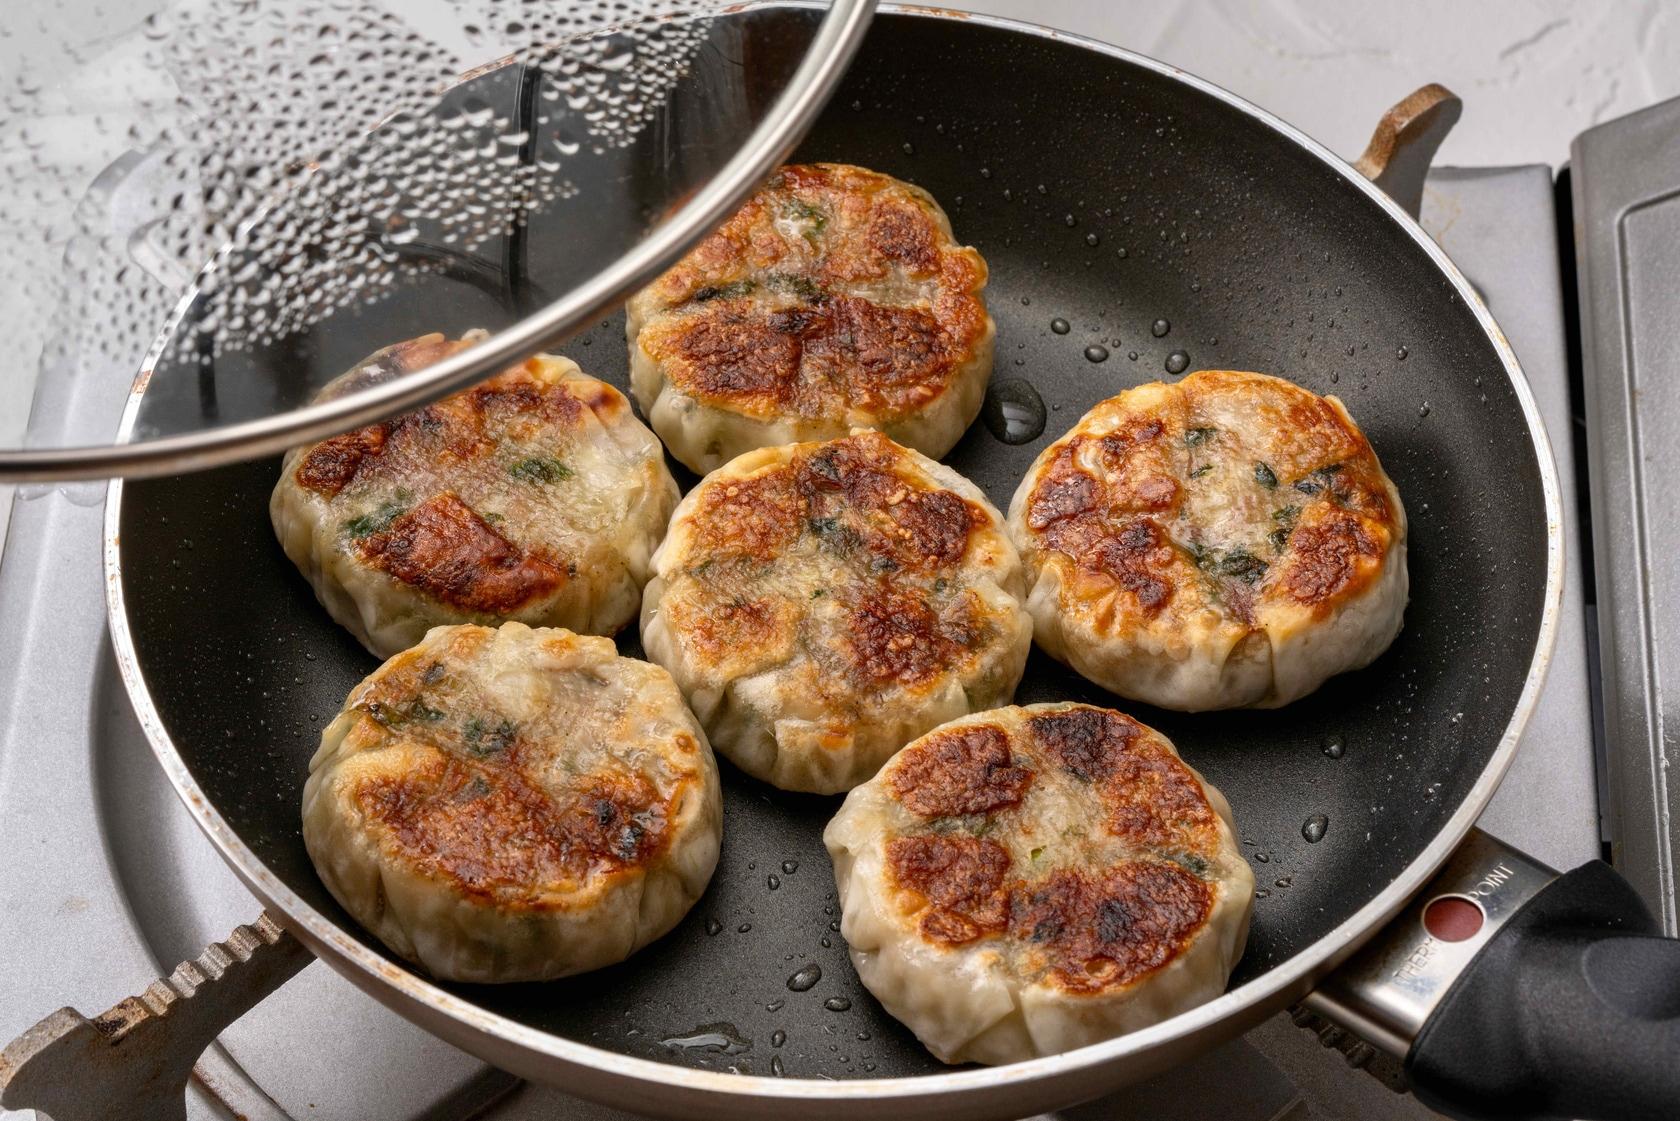 炭焼き成吉思汗やまかの「ラムのパリパリ焼き」をフライパンで調理